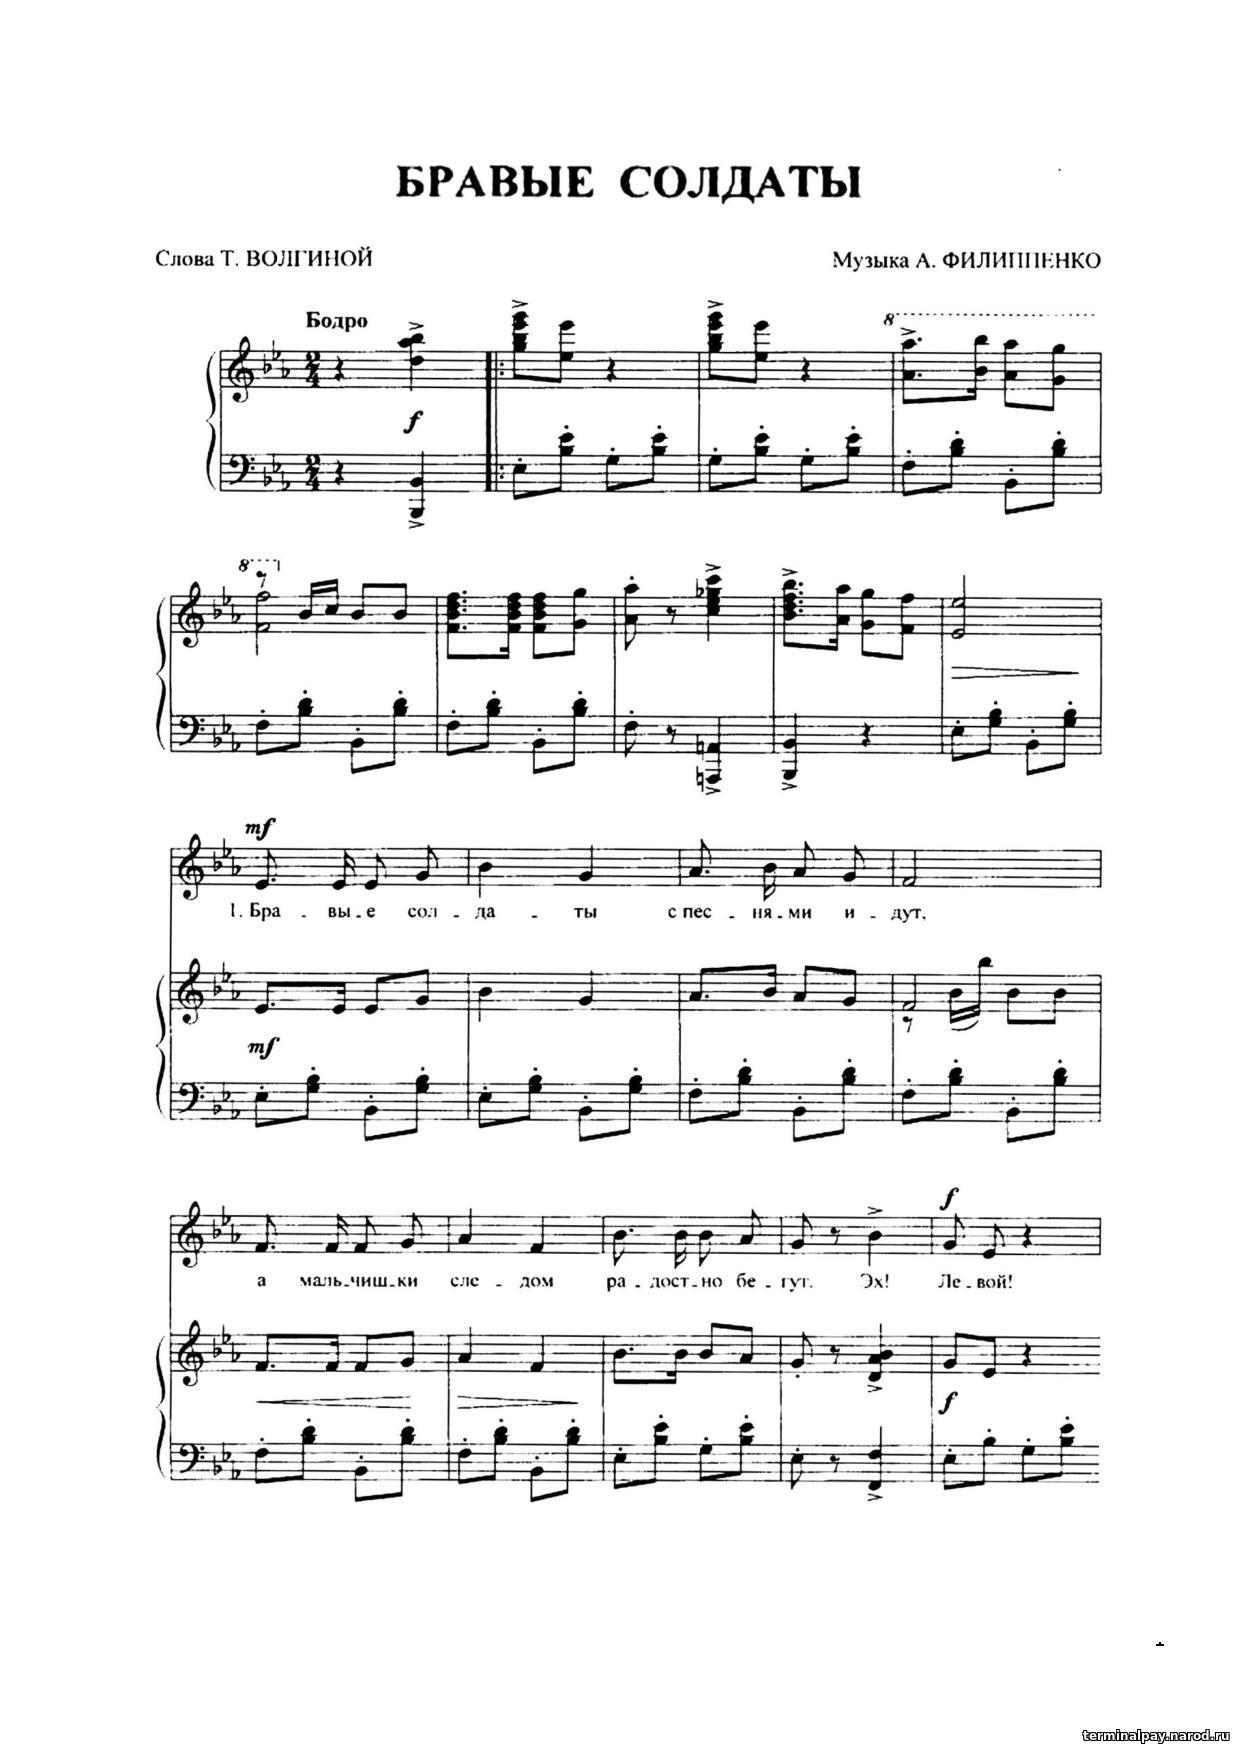 ПЕСНЯ БРАВЫЕ СОЛДАТЫ МИНУС СКАЧАТЬ БЕСПЛАТНО